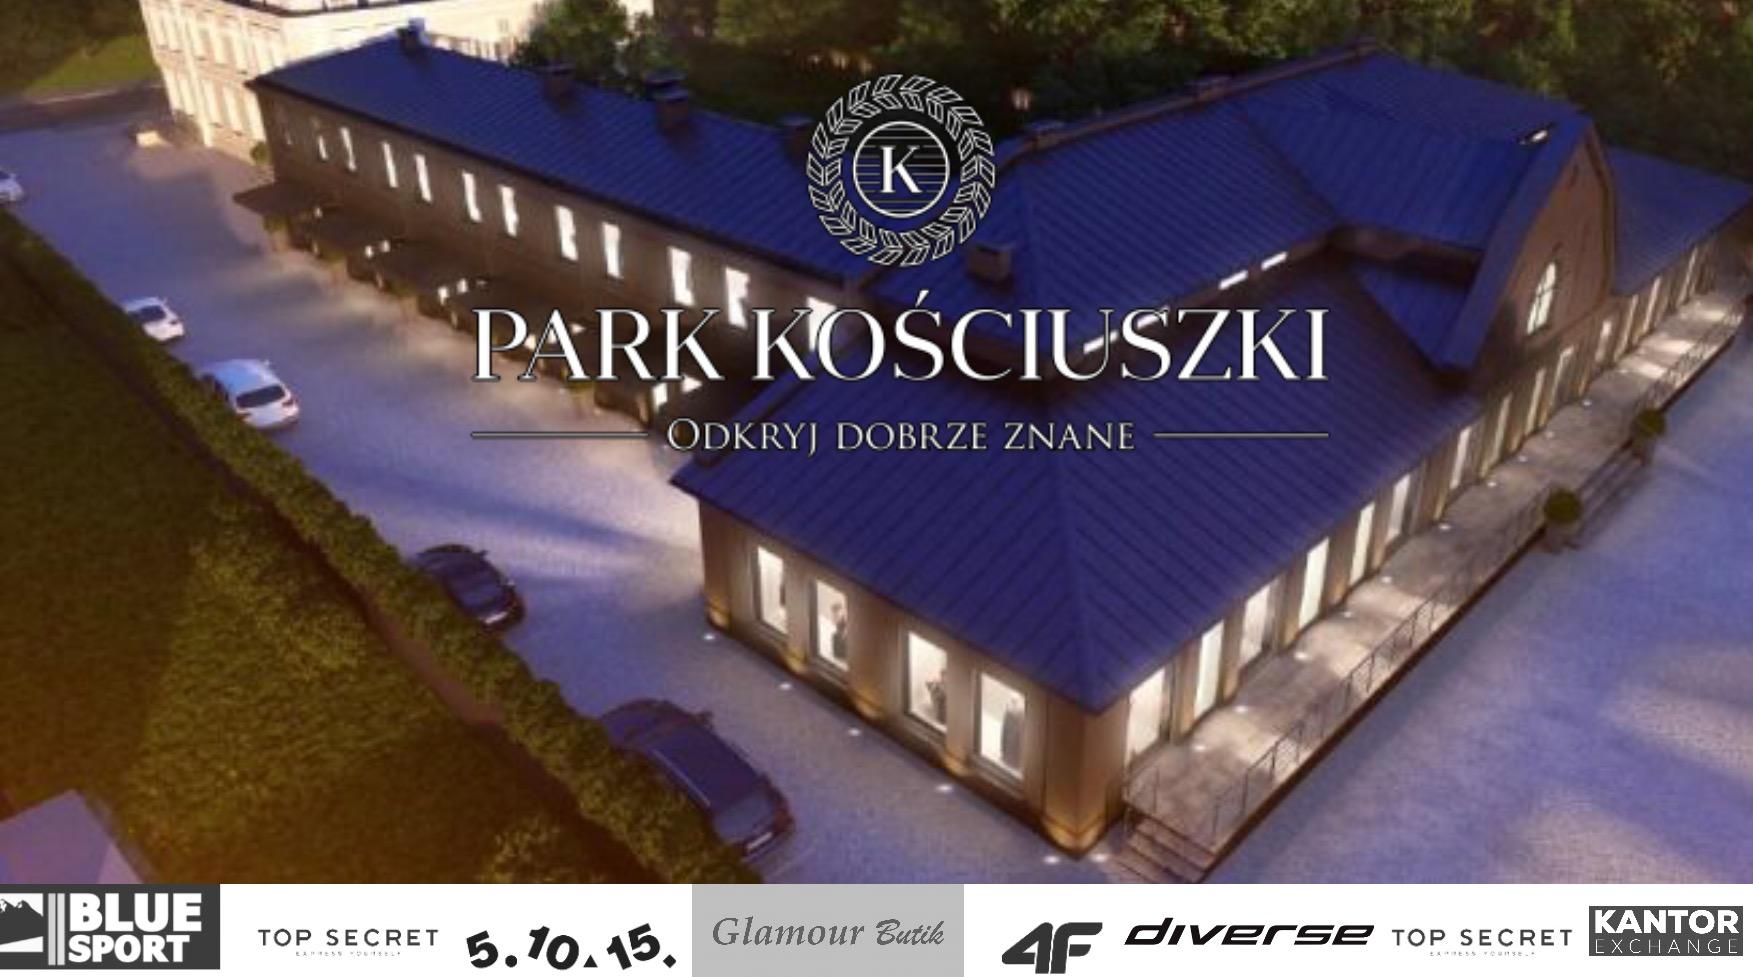 Park Kościuszki Kęty